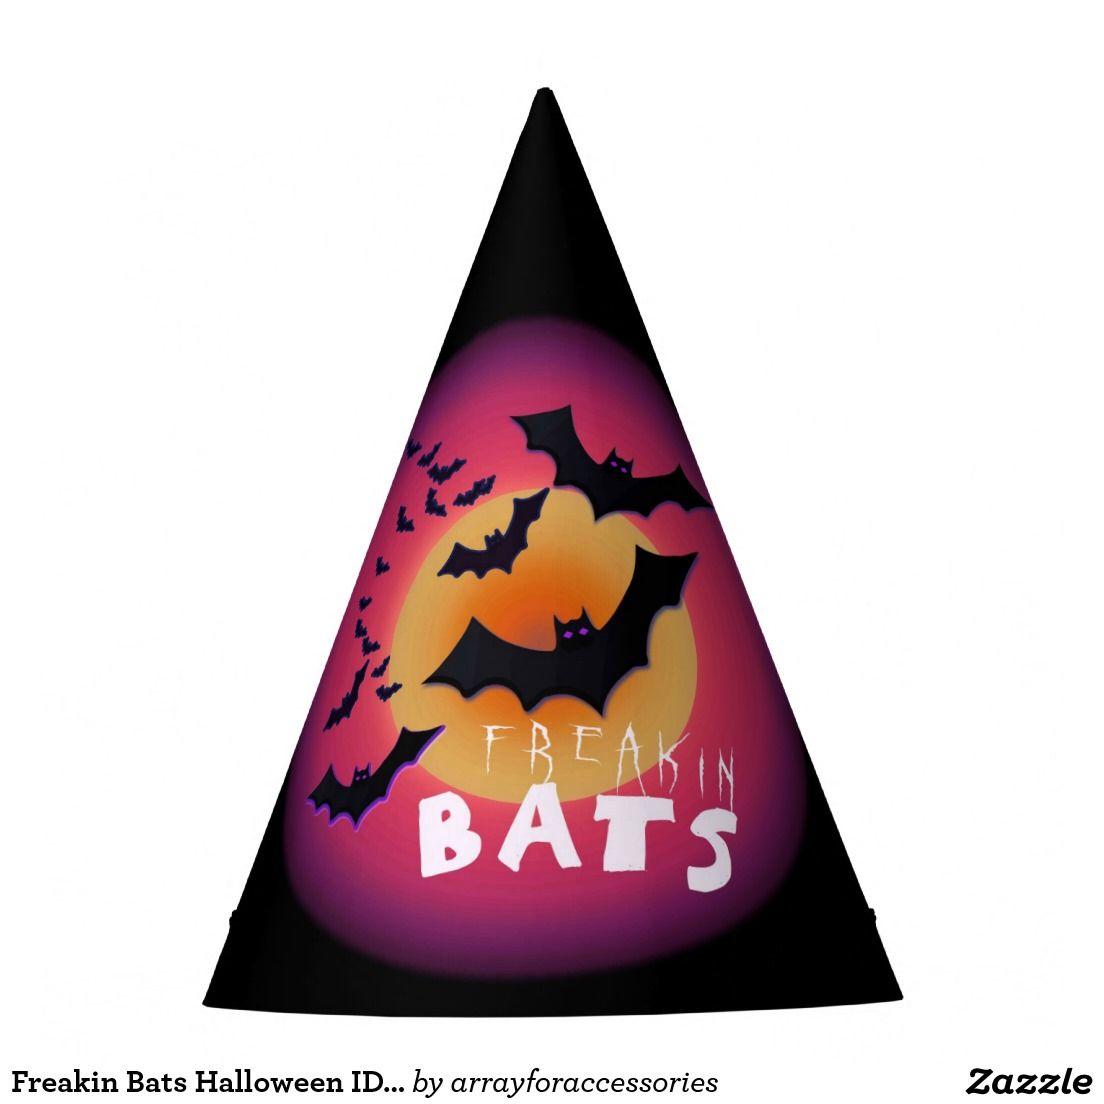 Freakin Bats Halloween ID223